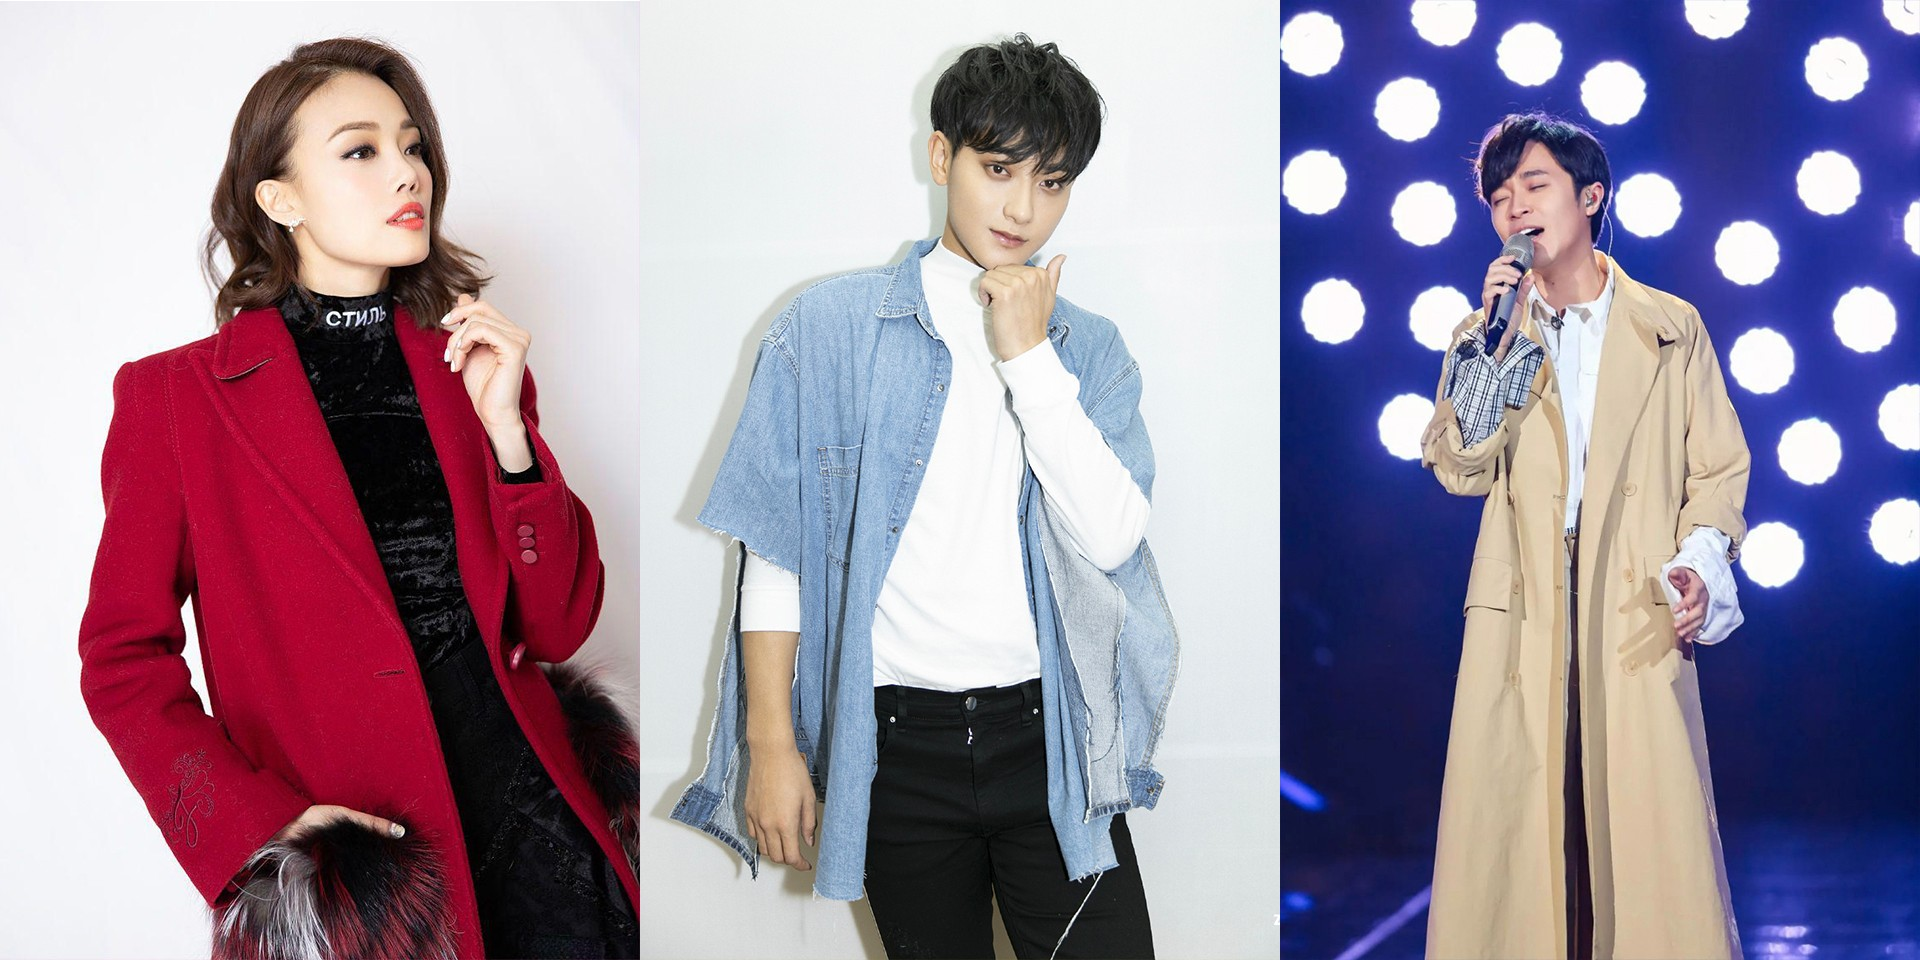 容祖儿、黄子韬、吴青峰:上两周哪些歌手发行了新歌